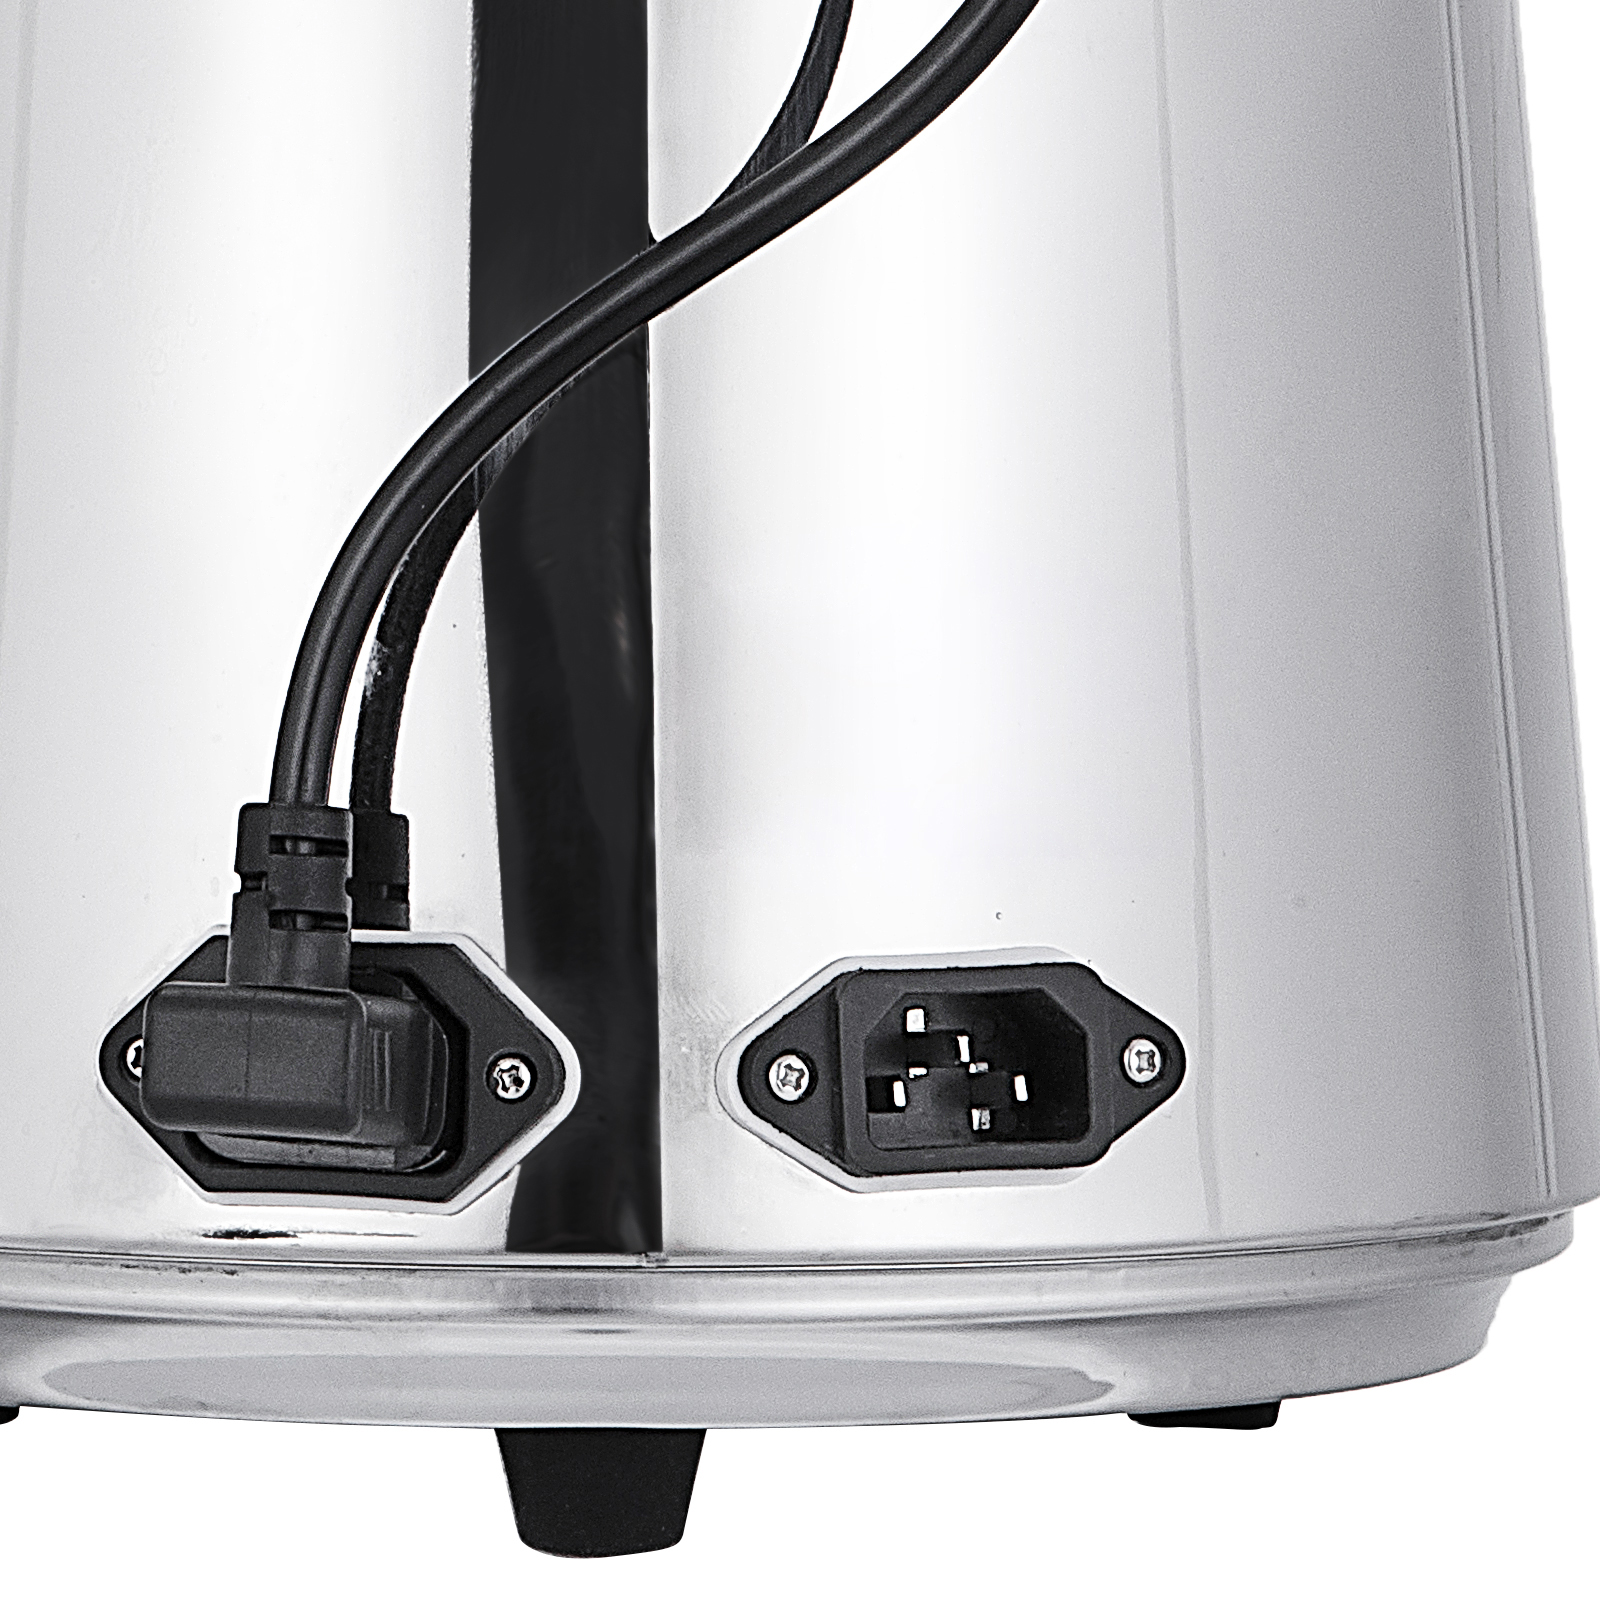 750W-4L-Wasser-Destilliergeraet-Water-Distiller-Einmachglas-Wasserflasche-Zuhause Indexbild 69